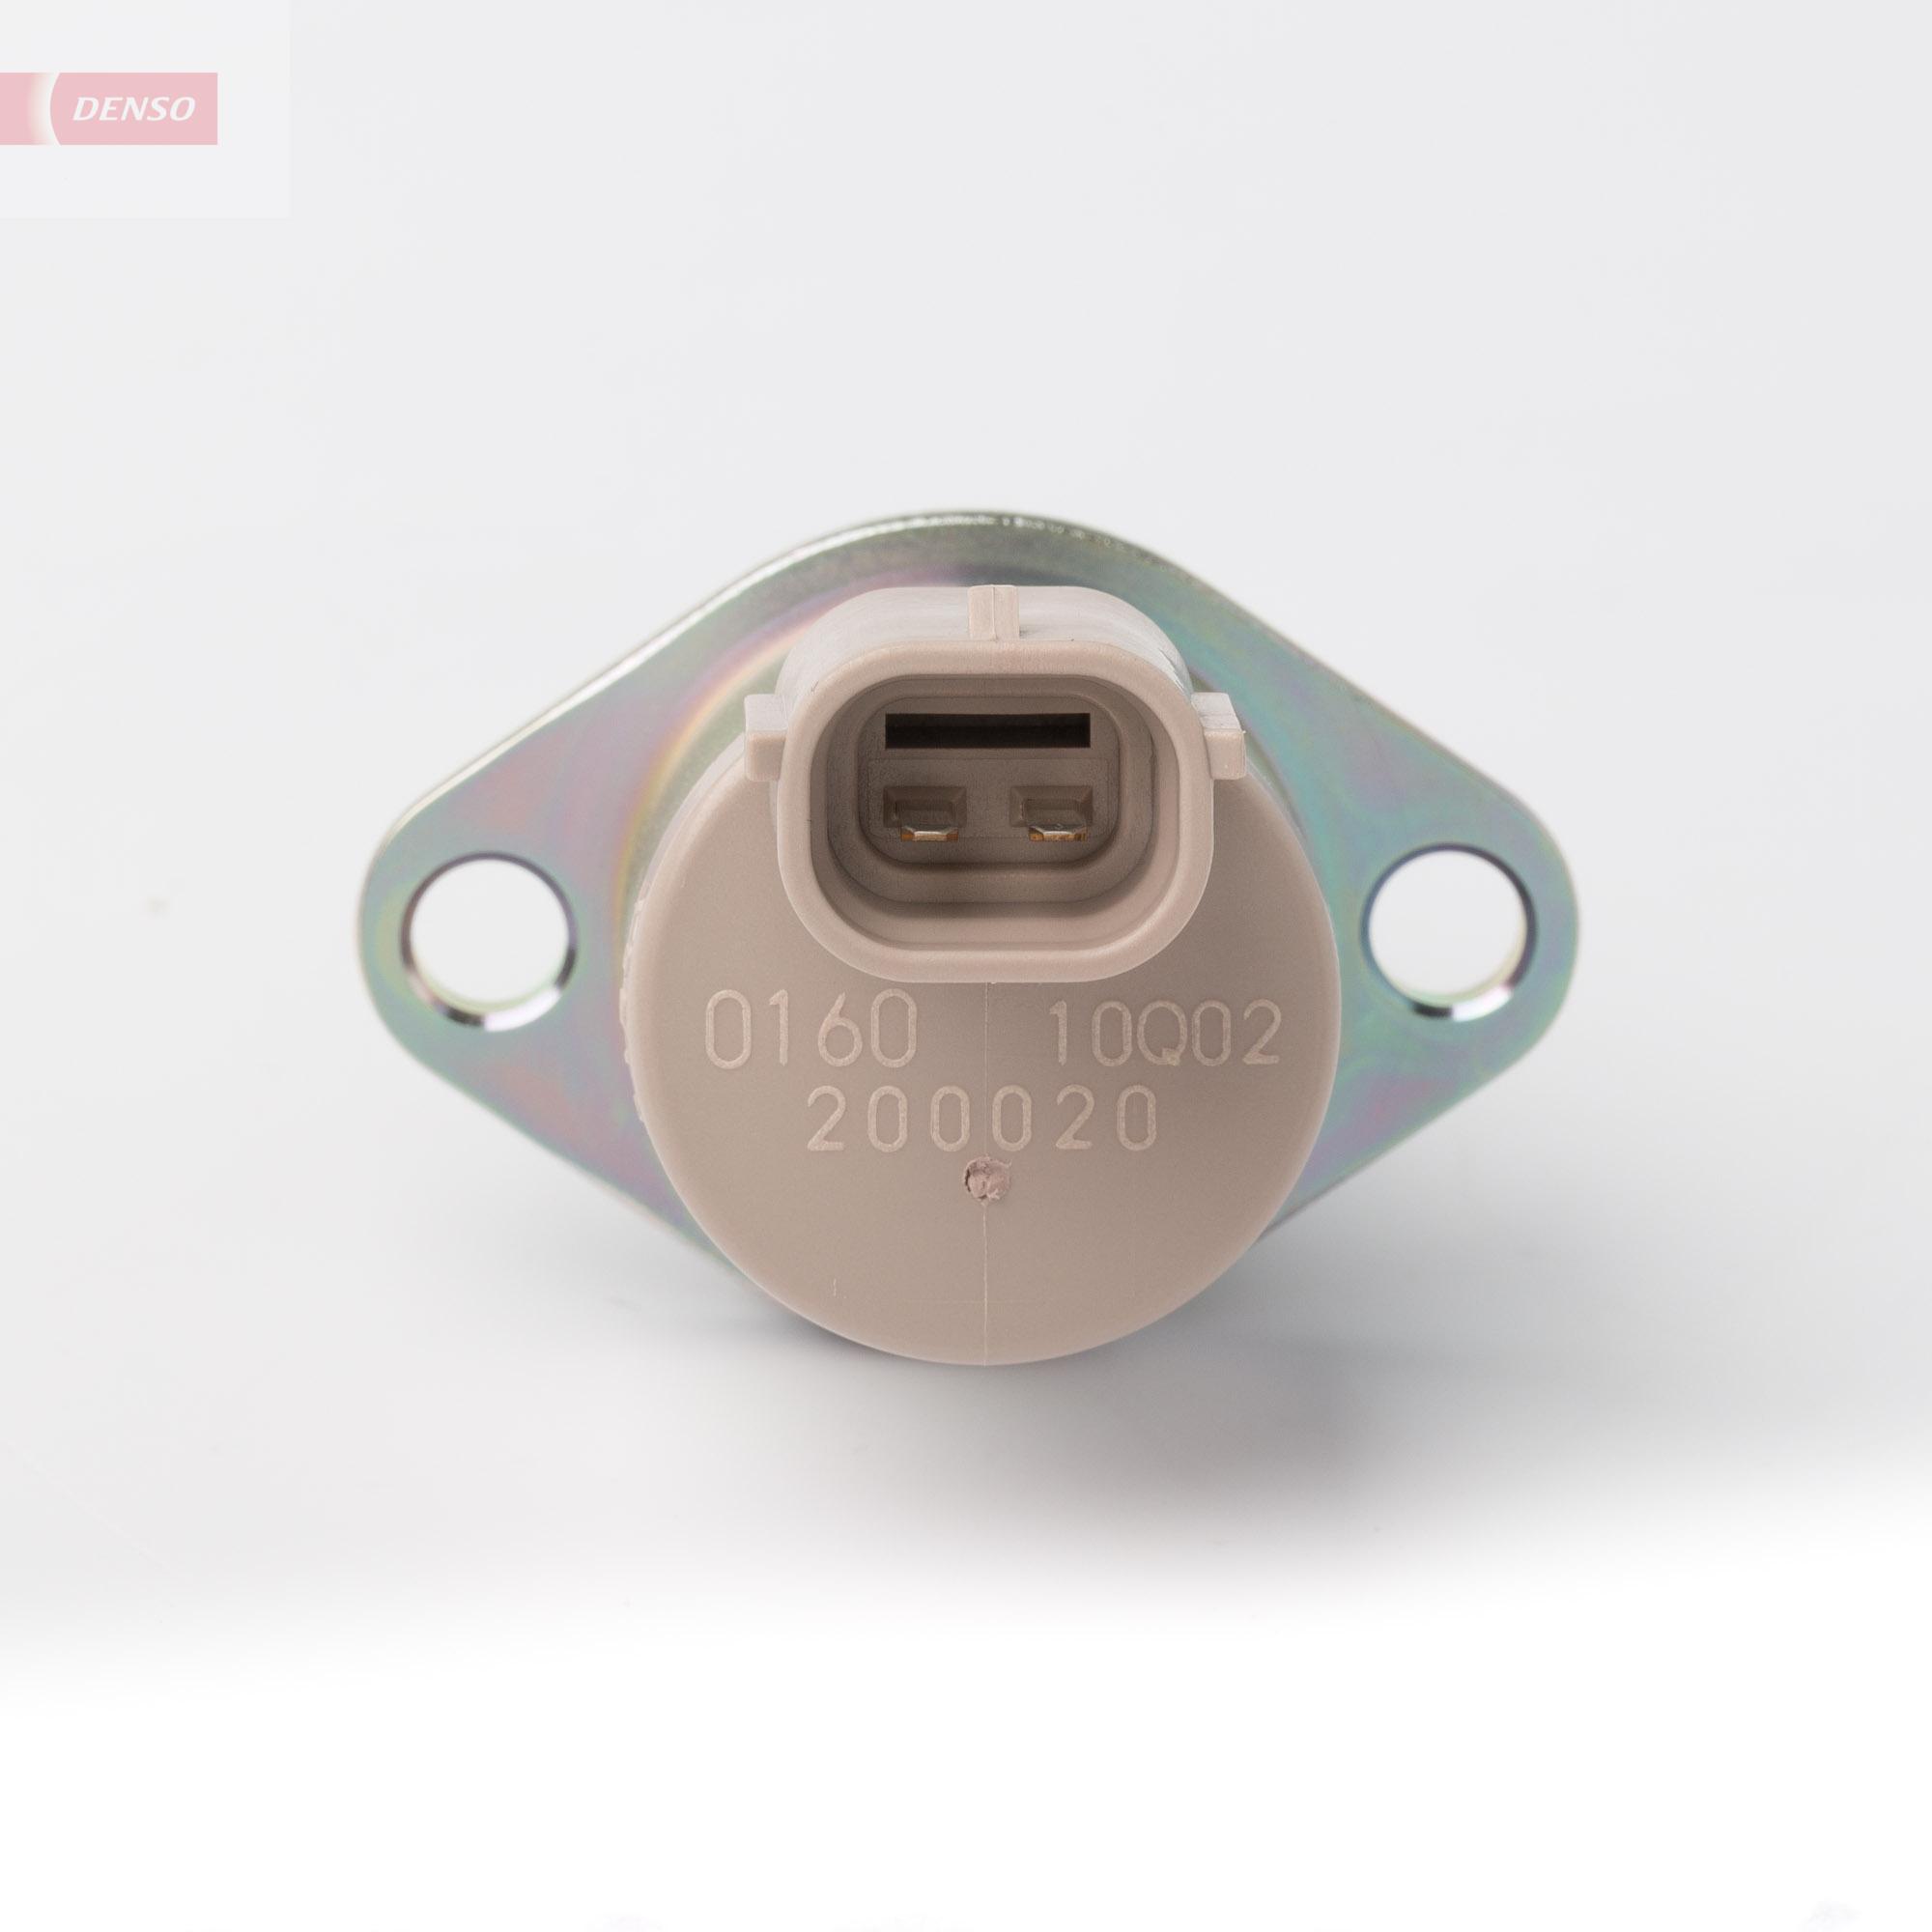 Détendeur, système de rampe commune DENSO DCRS300260 d'origine